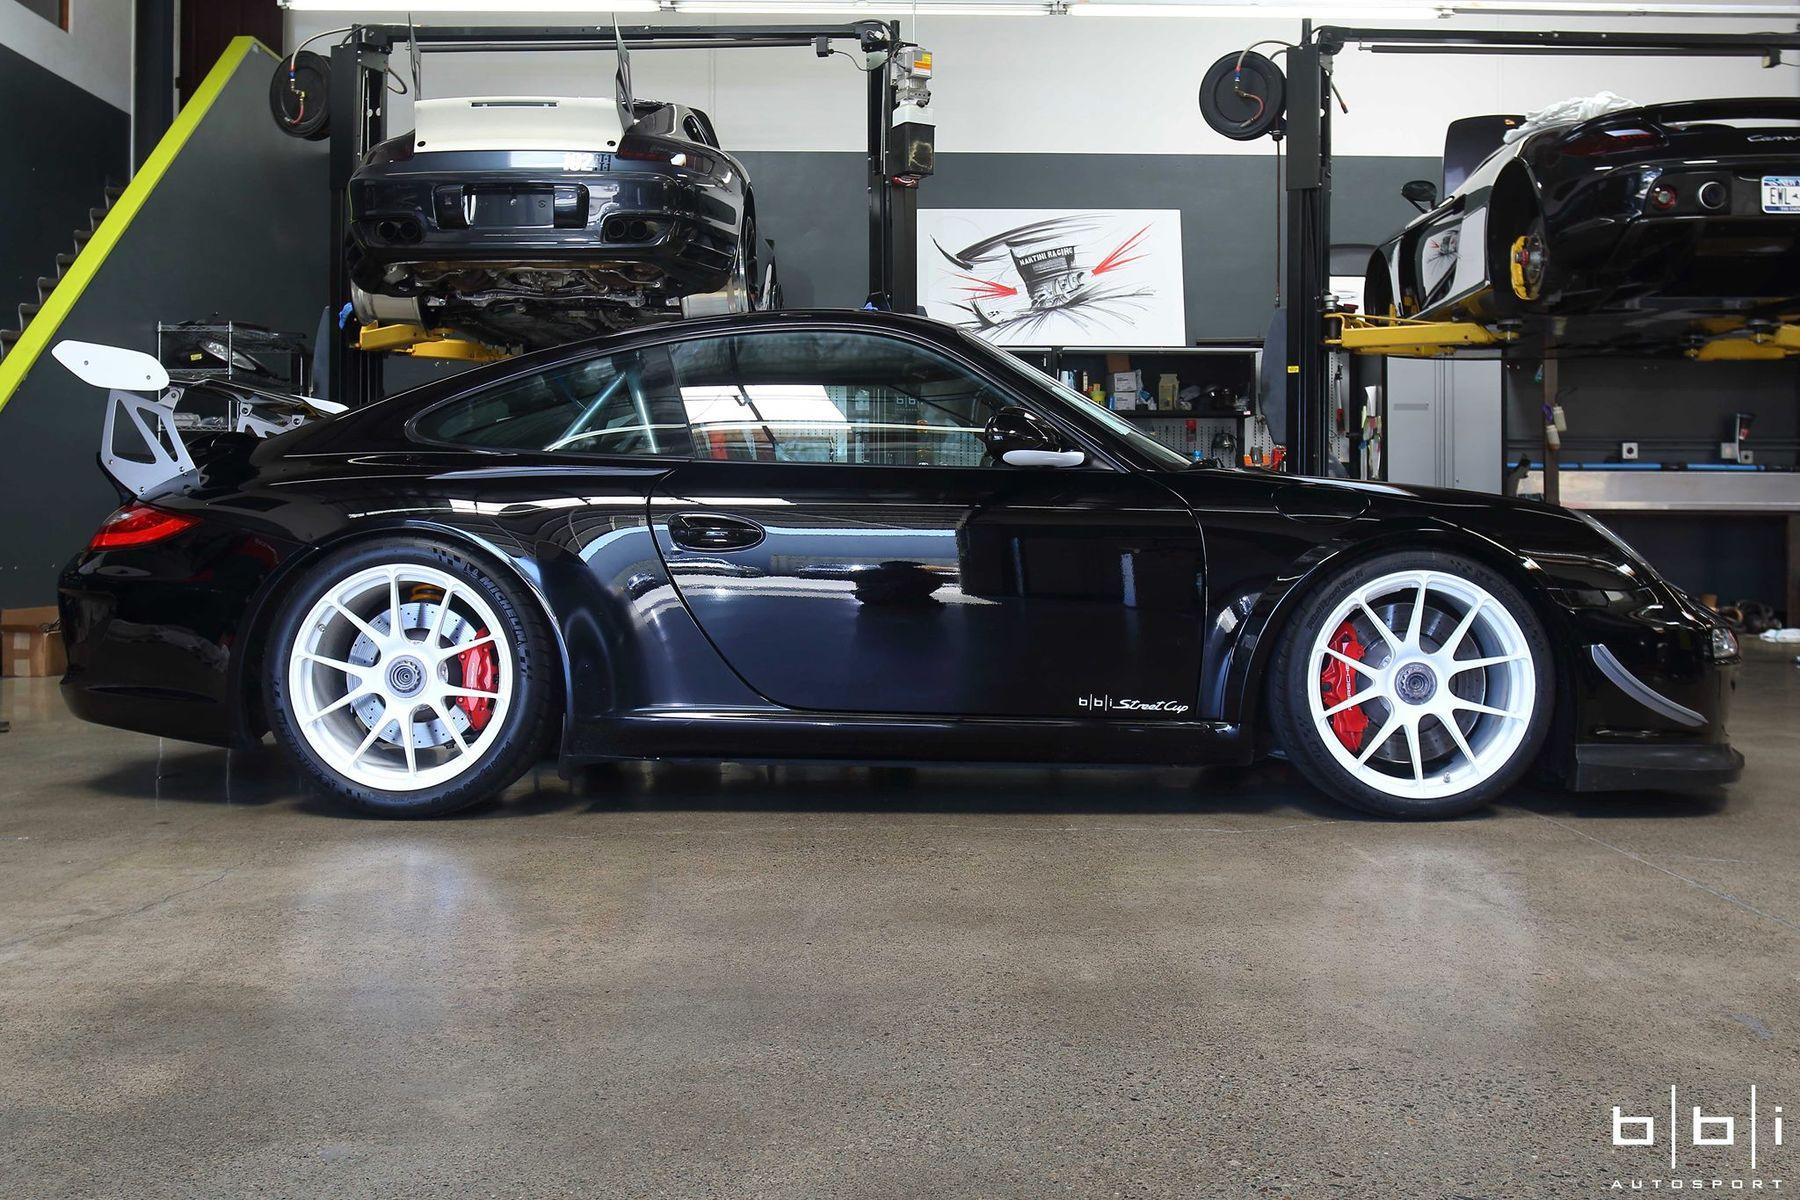 2010 Porsche 997 | BBi Autosport's Porsche 997.2 GT3 Street Cup on Forgeline One Piece Forged Monoblock GA1R Wheels